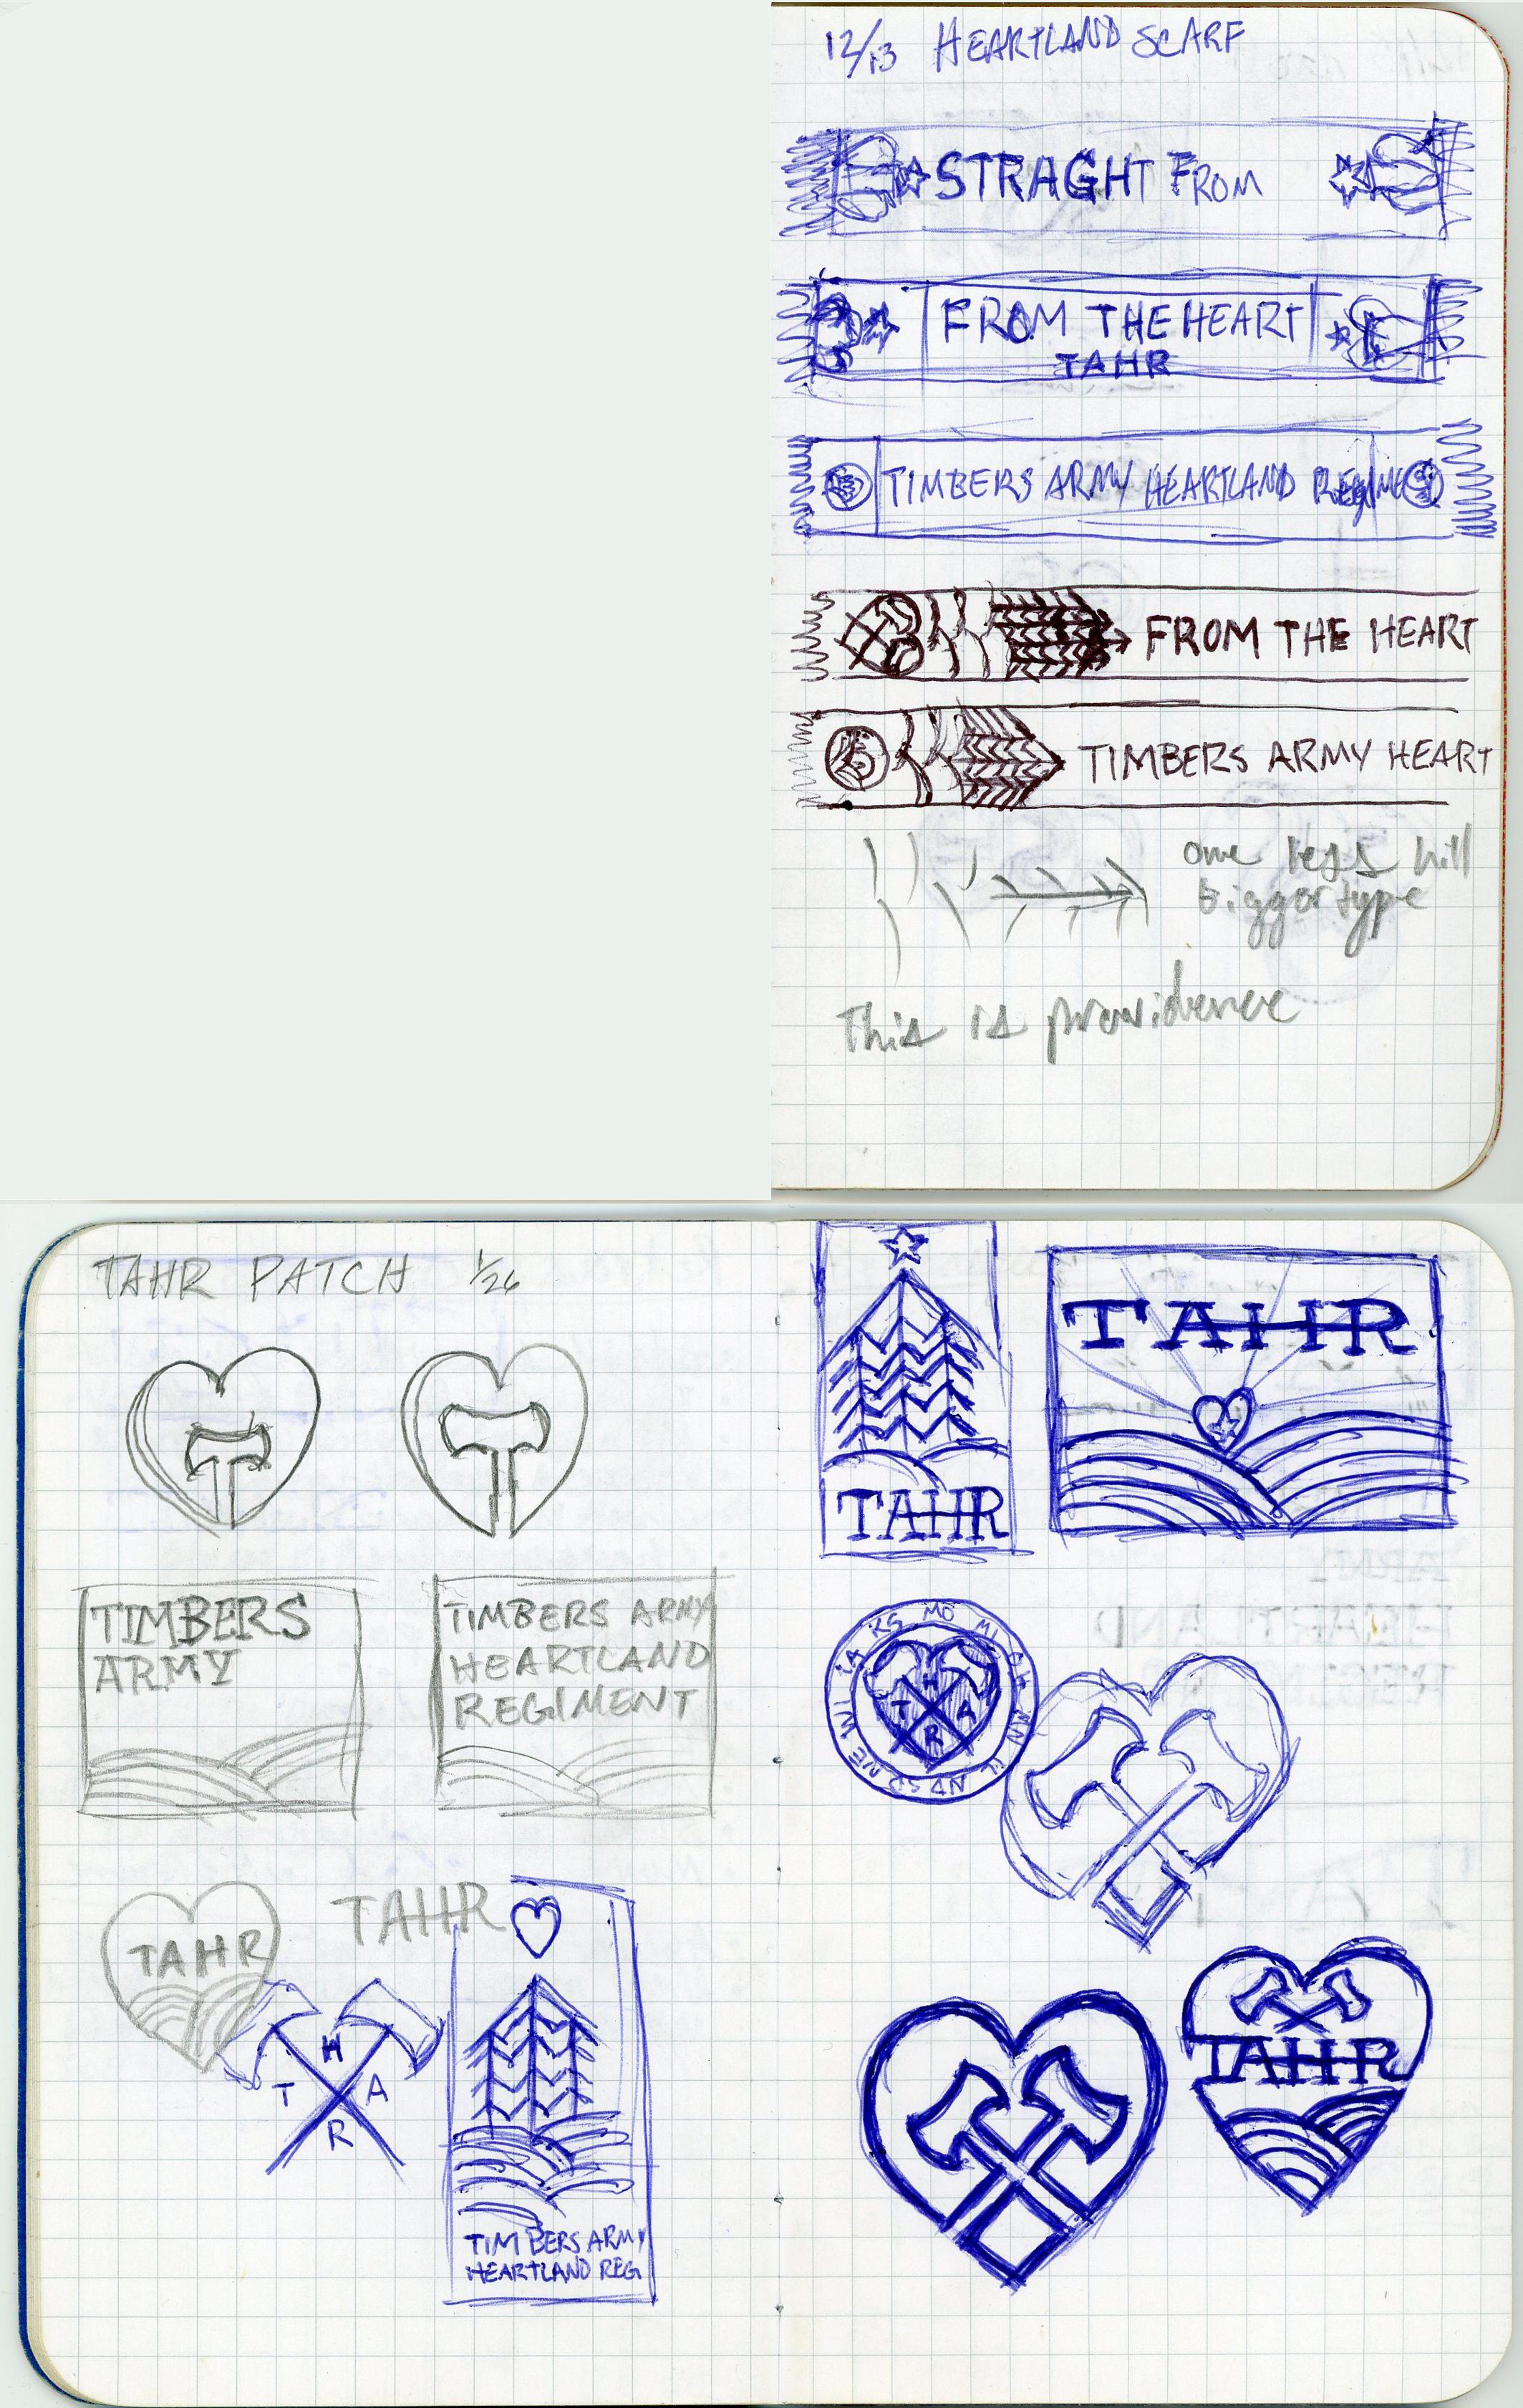 TAHR 4.0 Sketches